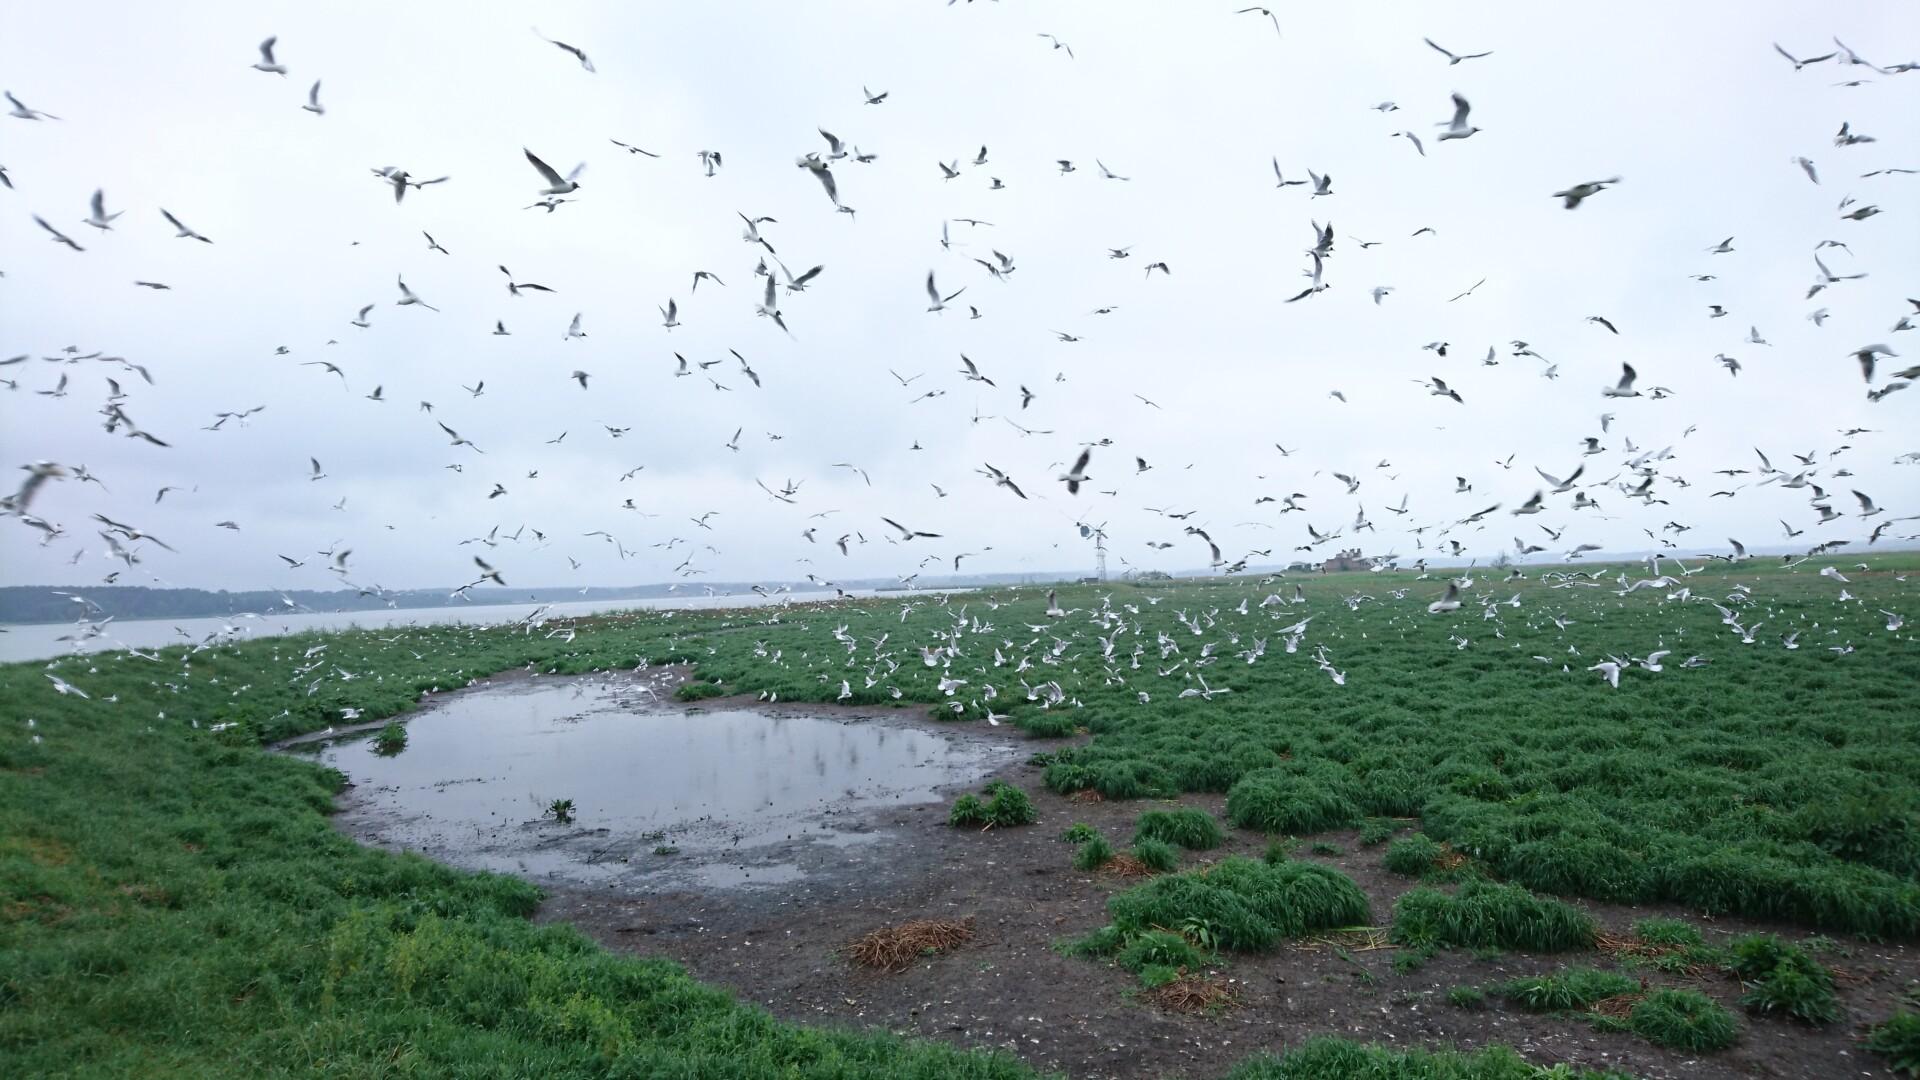 """""""Unifikacja systemu monitoringu ornitologicznego w polskiej i niemieckiej części regionu Zalewu Szczecińskiego"""" - webinarium już 17 czerwca 2021 r."""